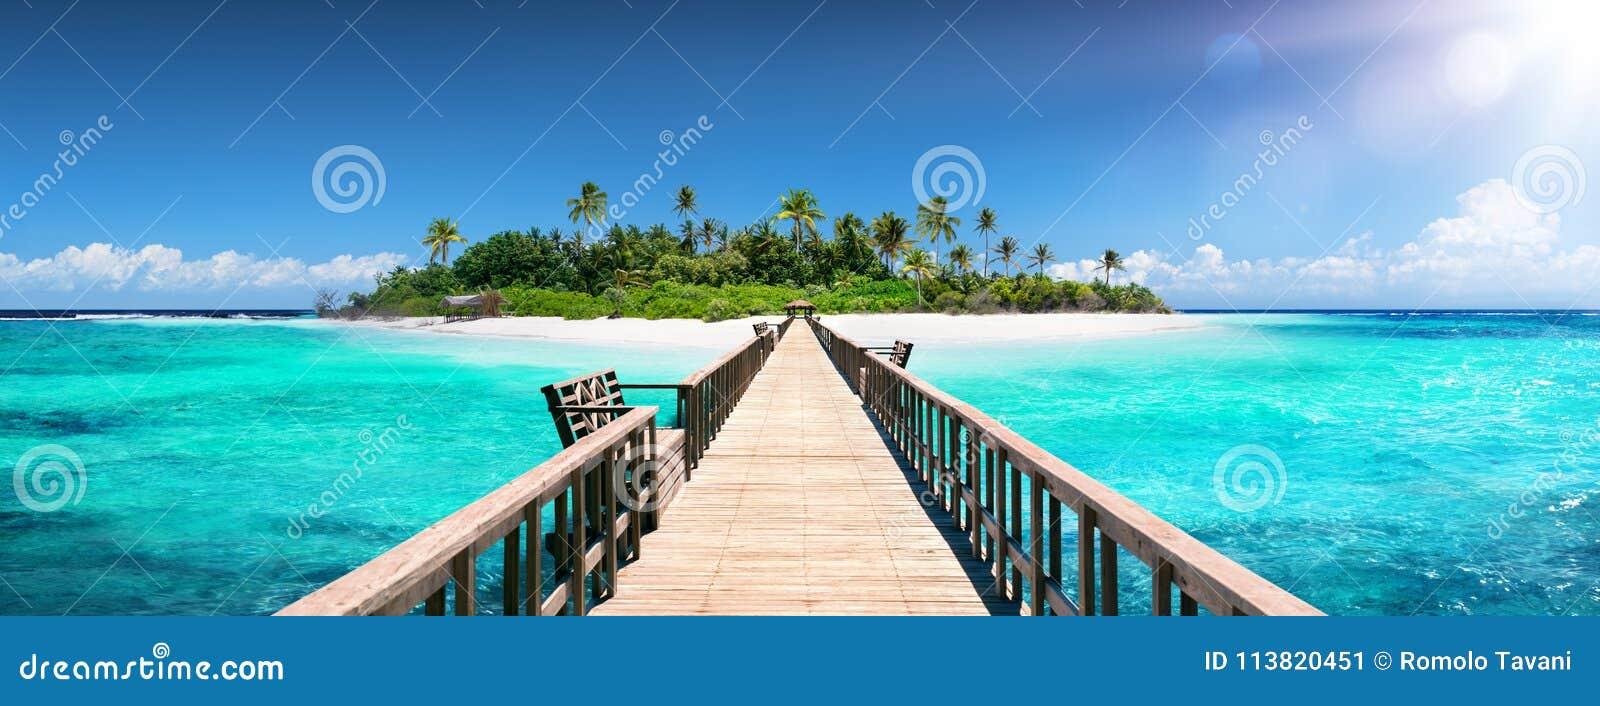 Αποβάθρα για το νησί παραδείσου - τροπικός προορισμός